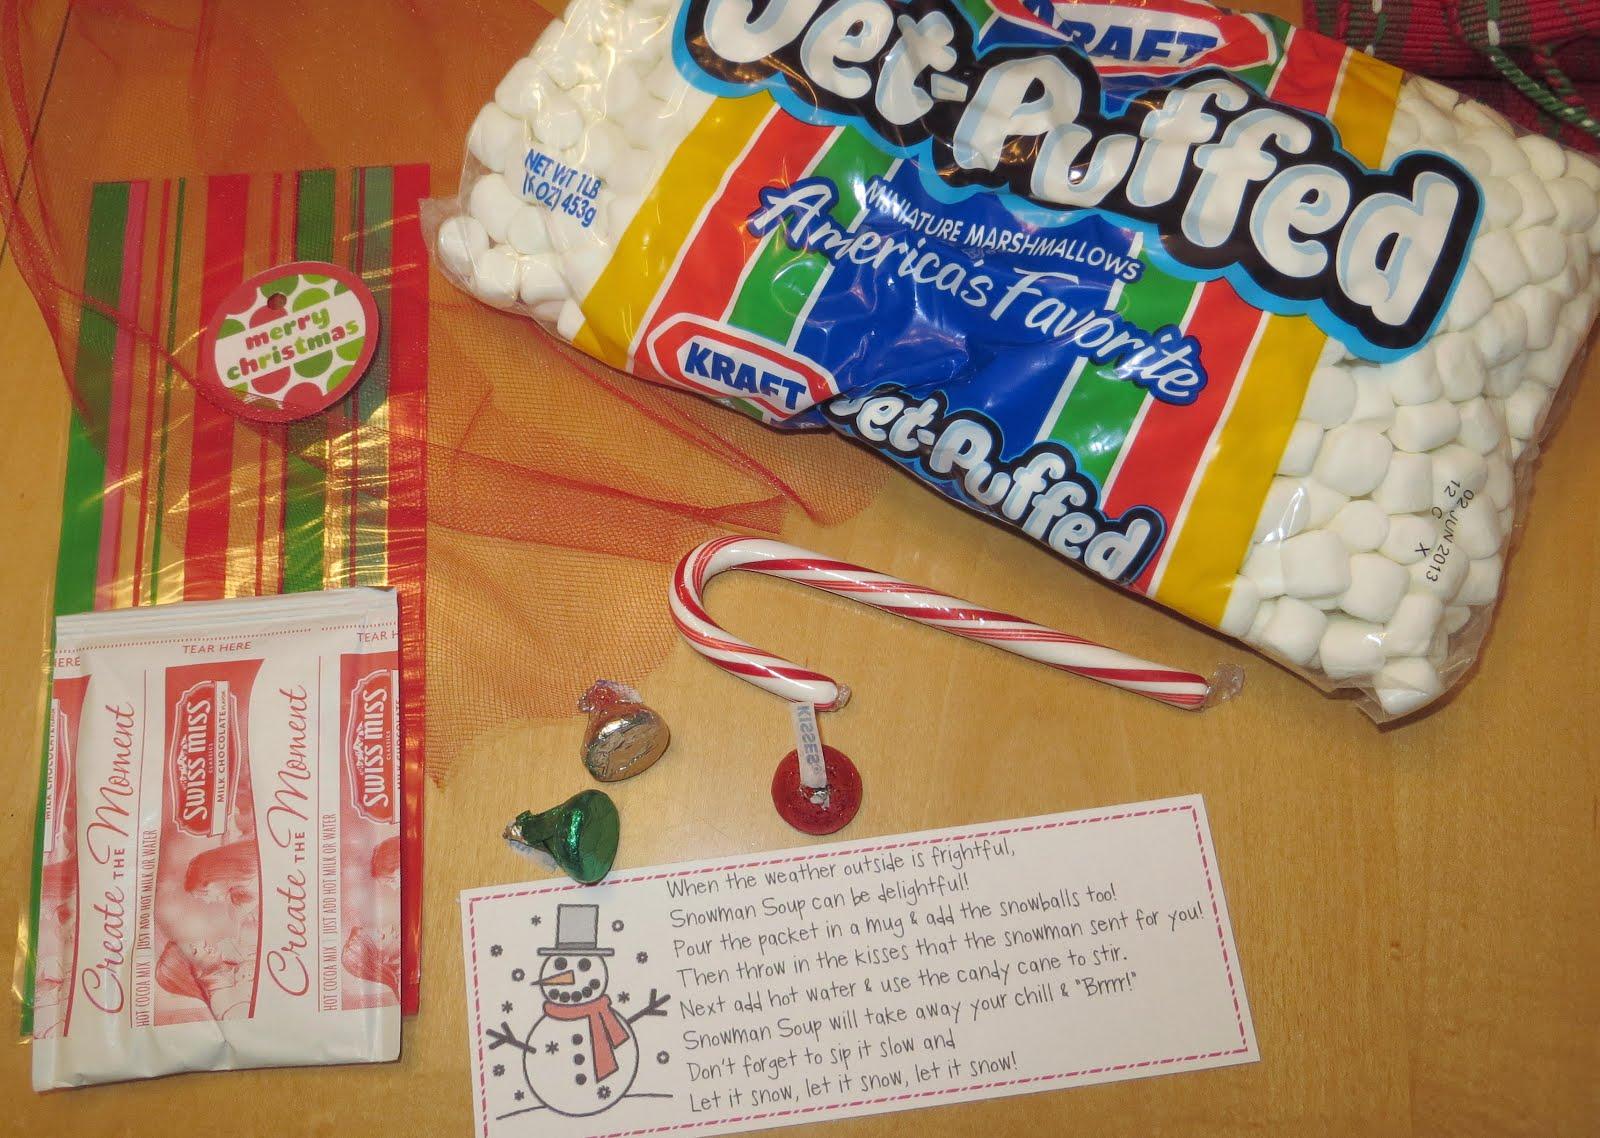 Philadelphia flyers christmas gifts